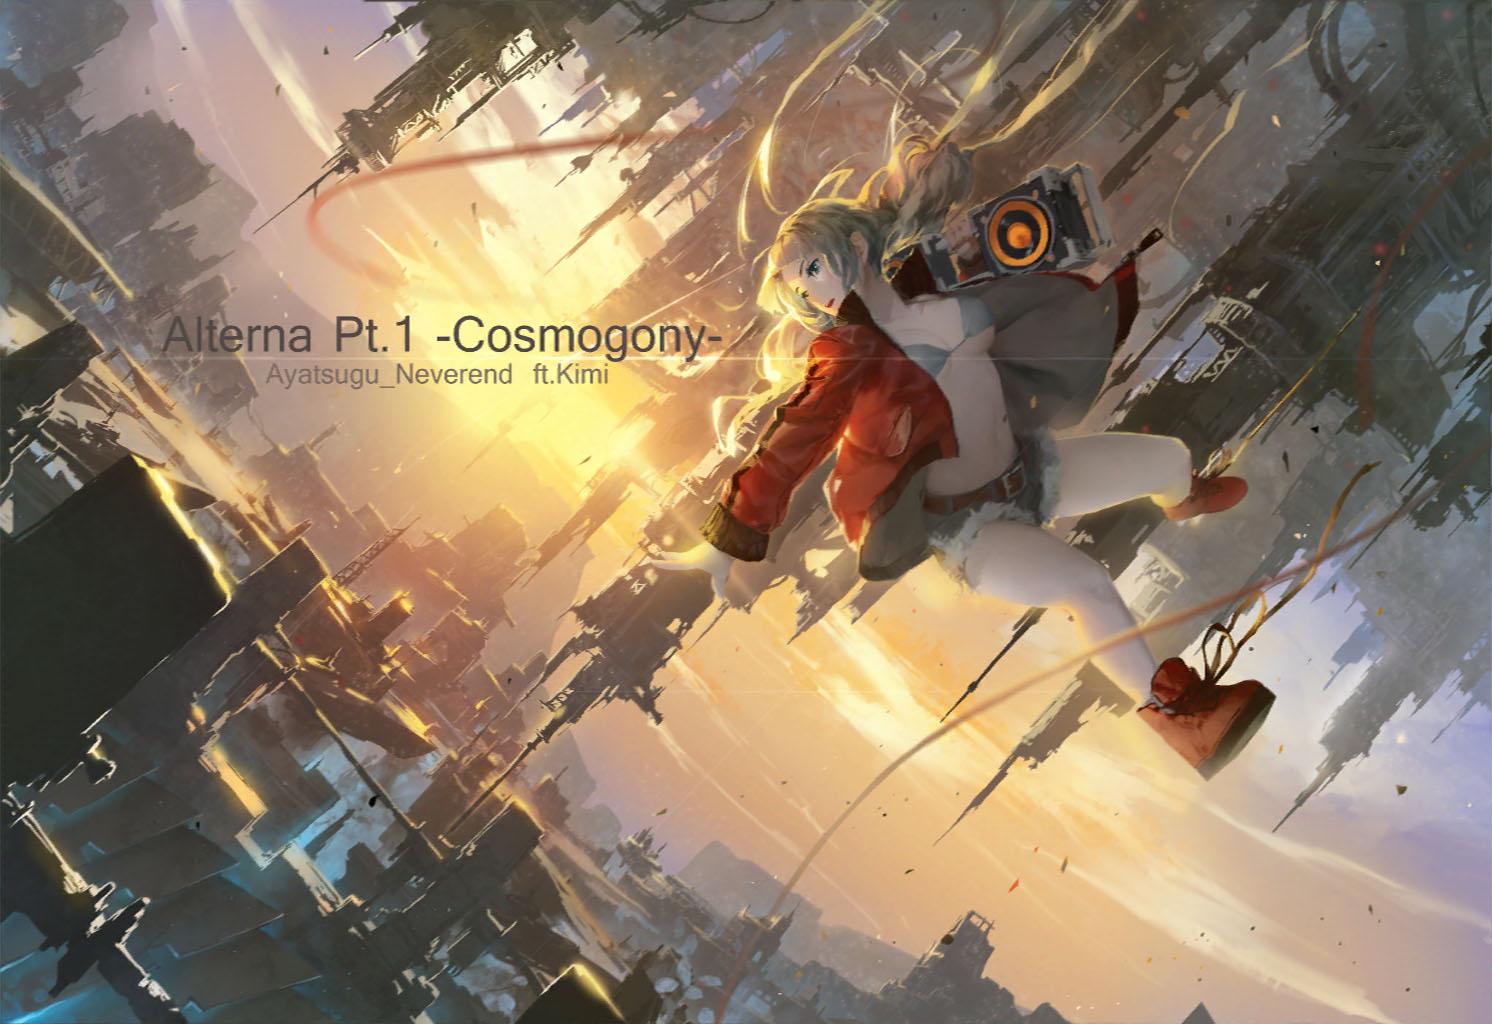 AlternaPt.1-Cosmogony-.jpg